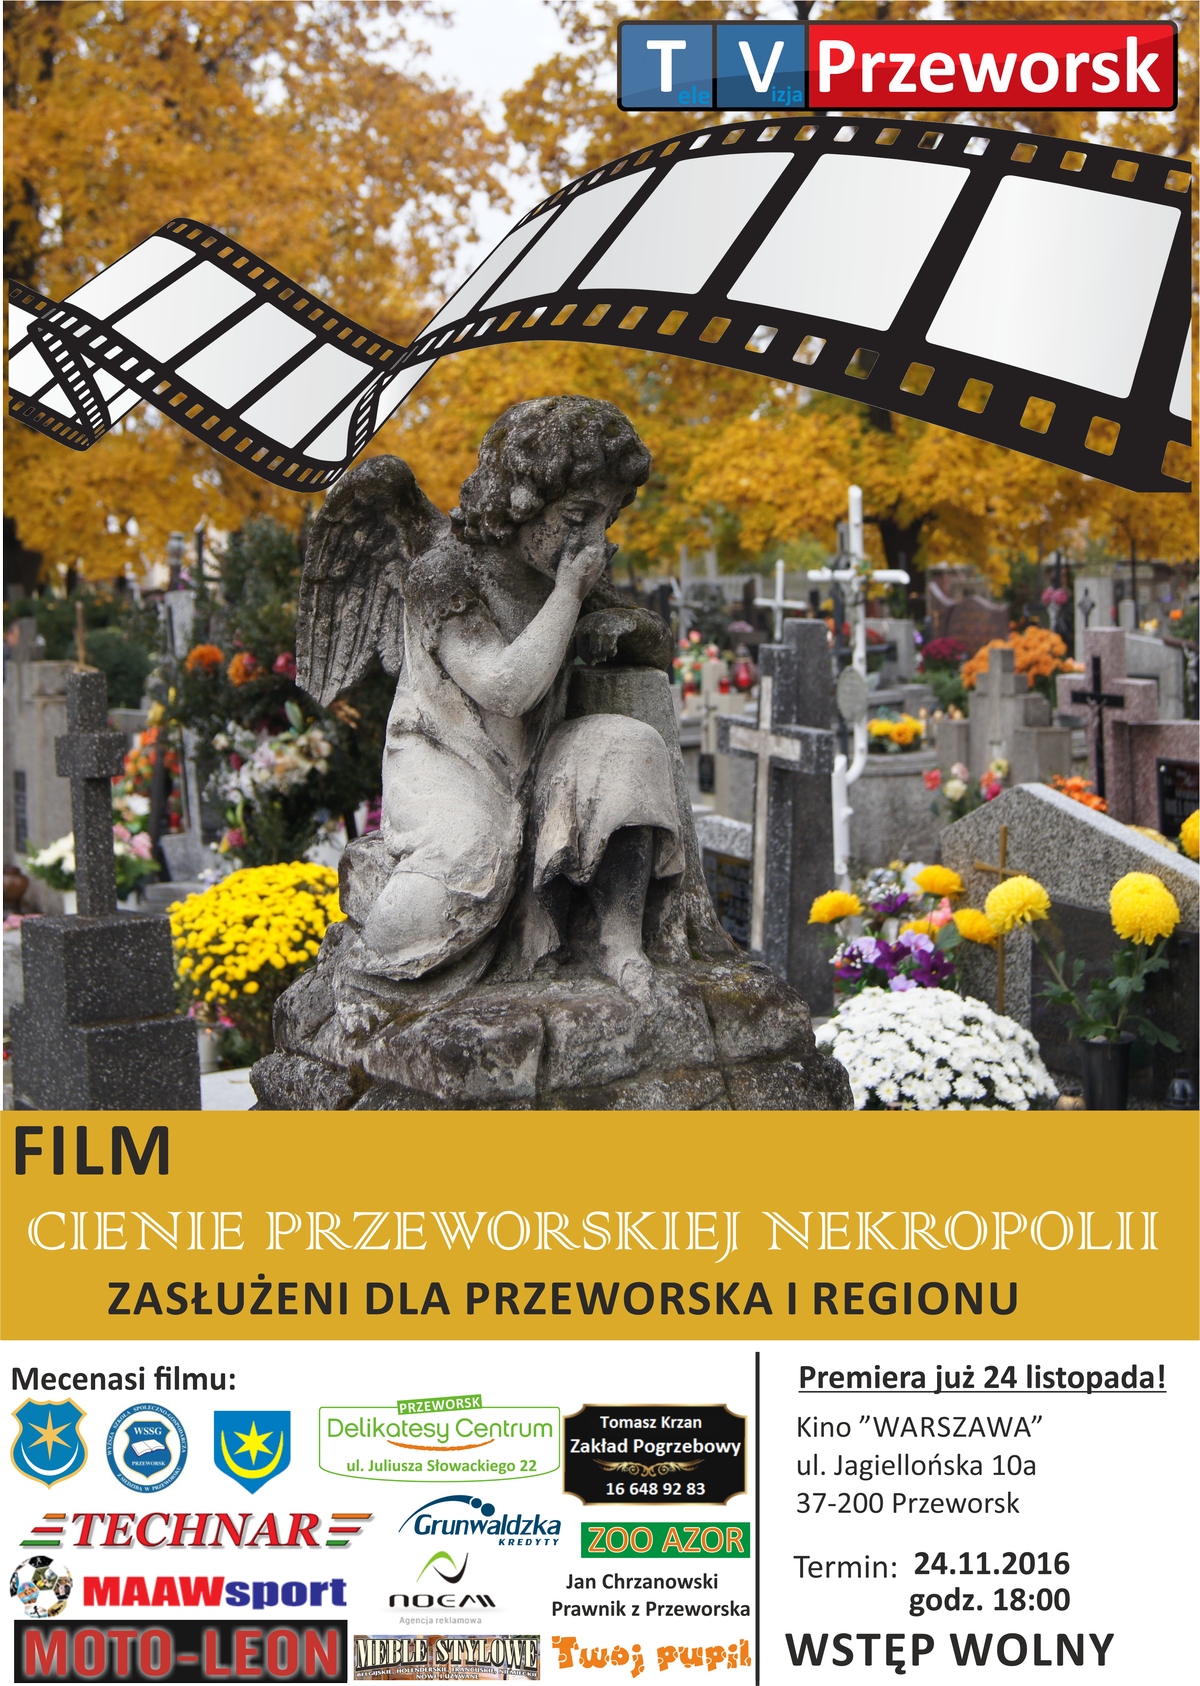 FILM – CIENIE PRZEWORSKIEJ NEKROPOLII